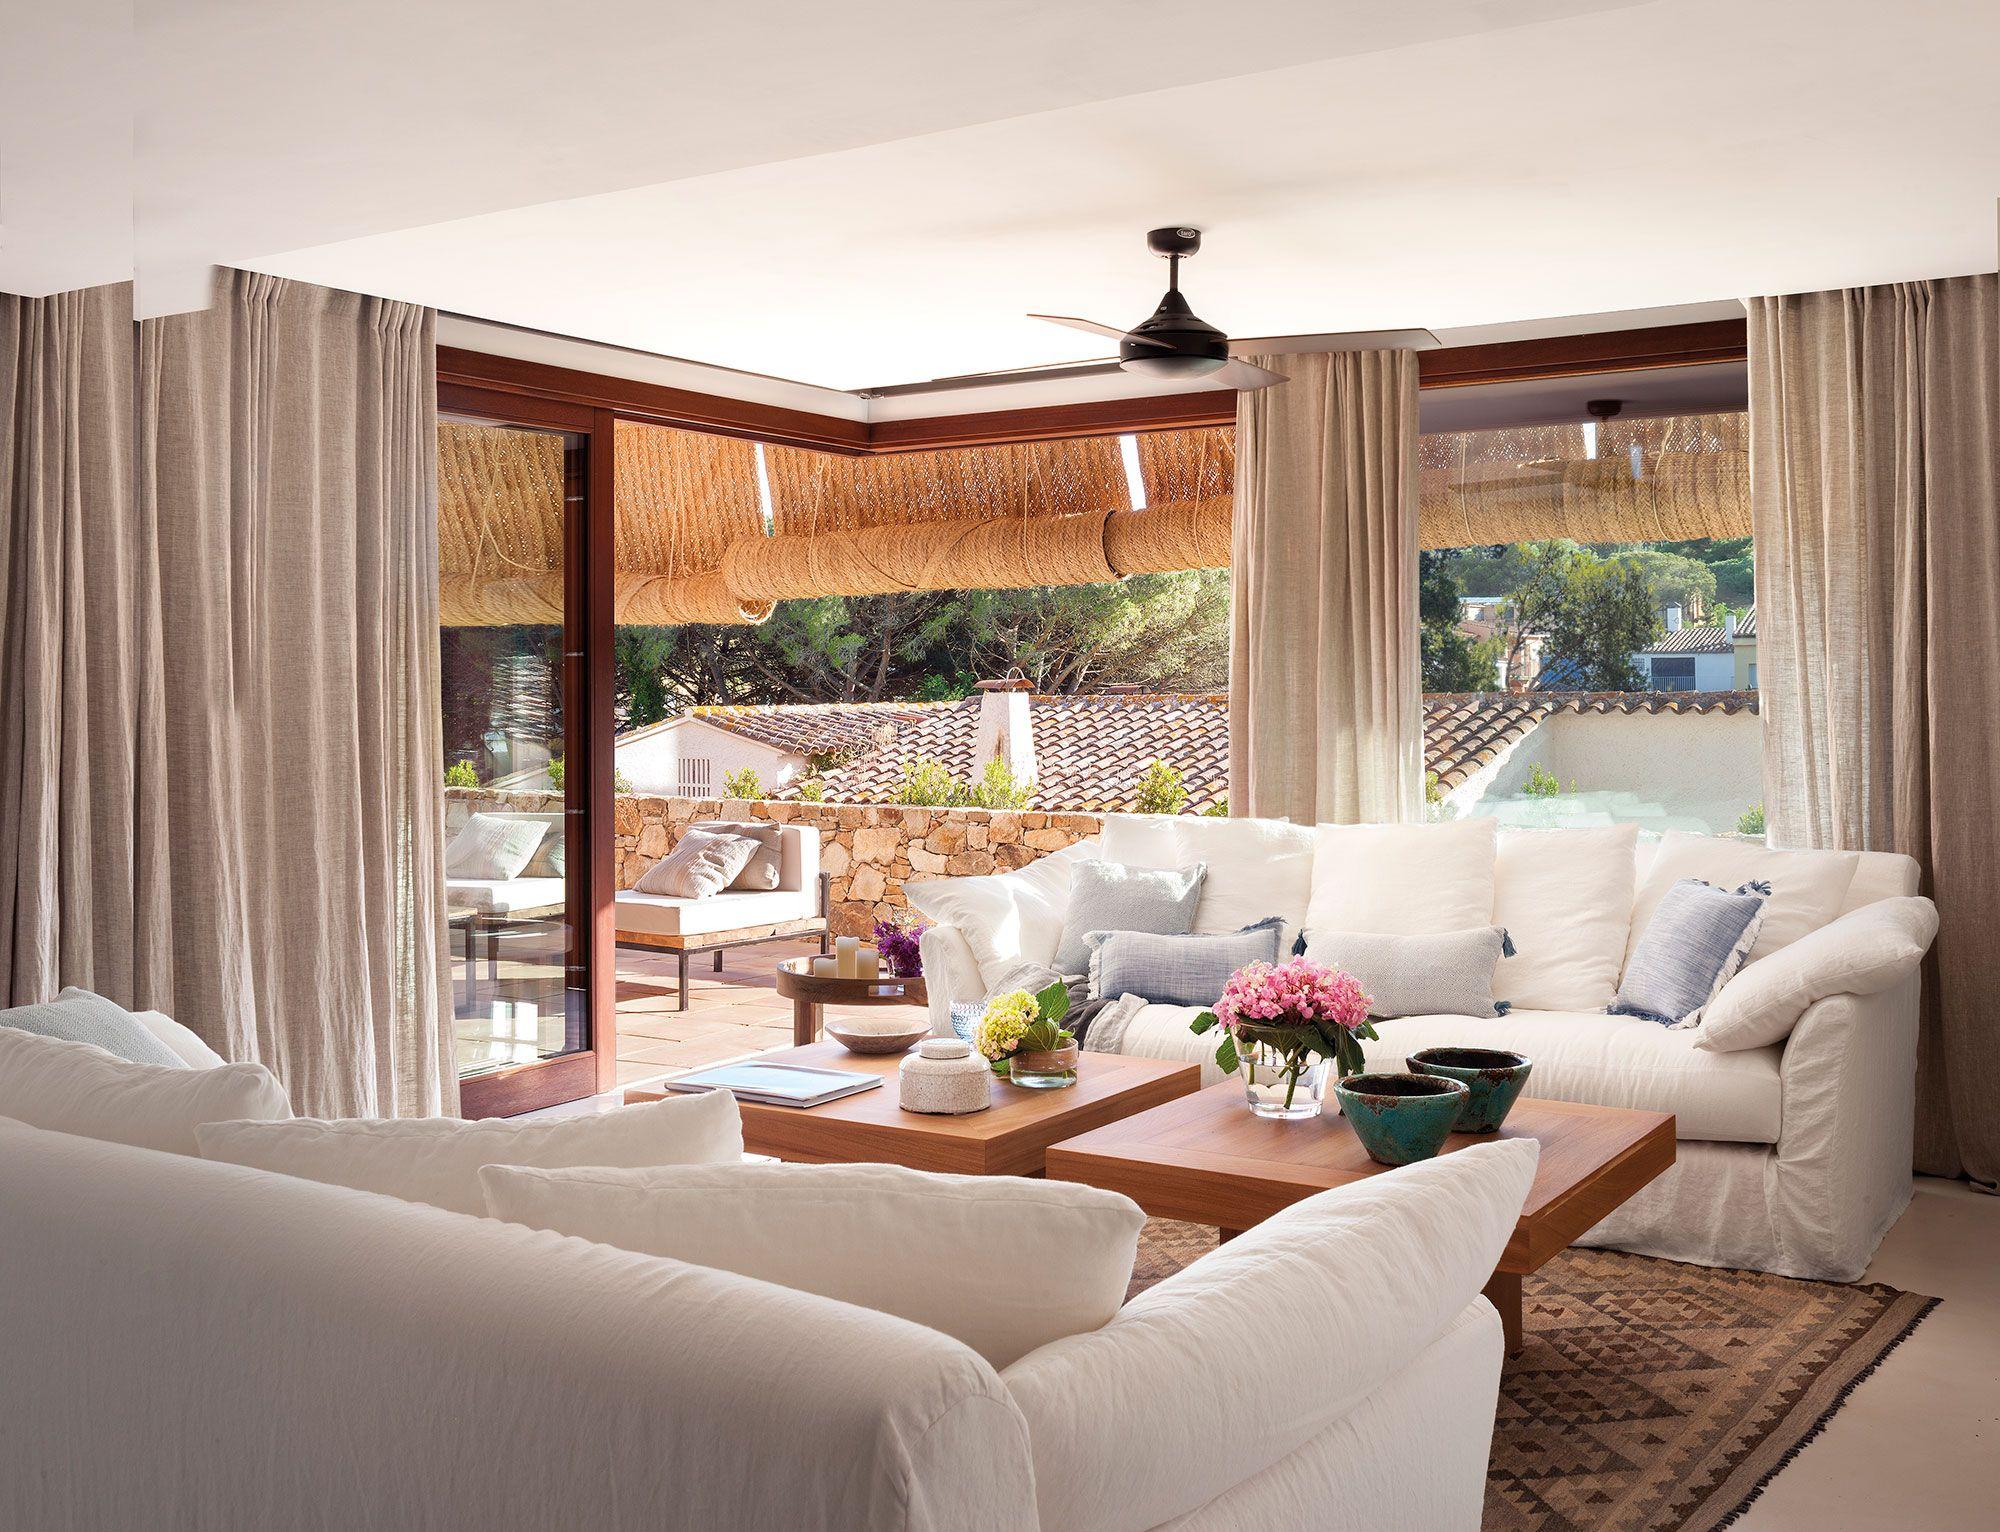 Salón con sofás en blanco y gran ventanal con vistas a la terraza